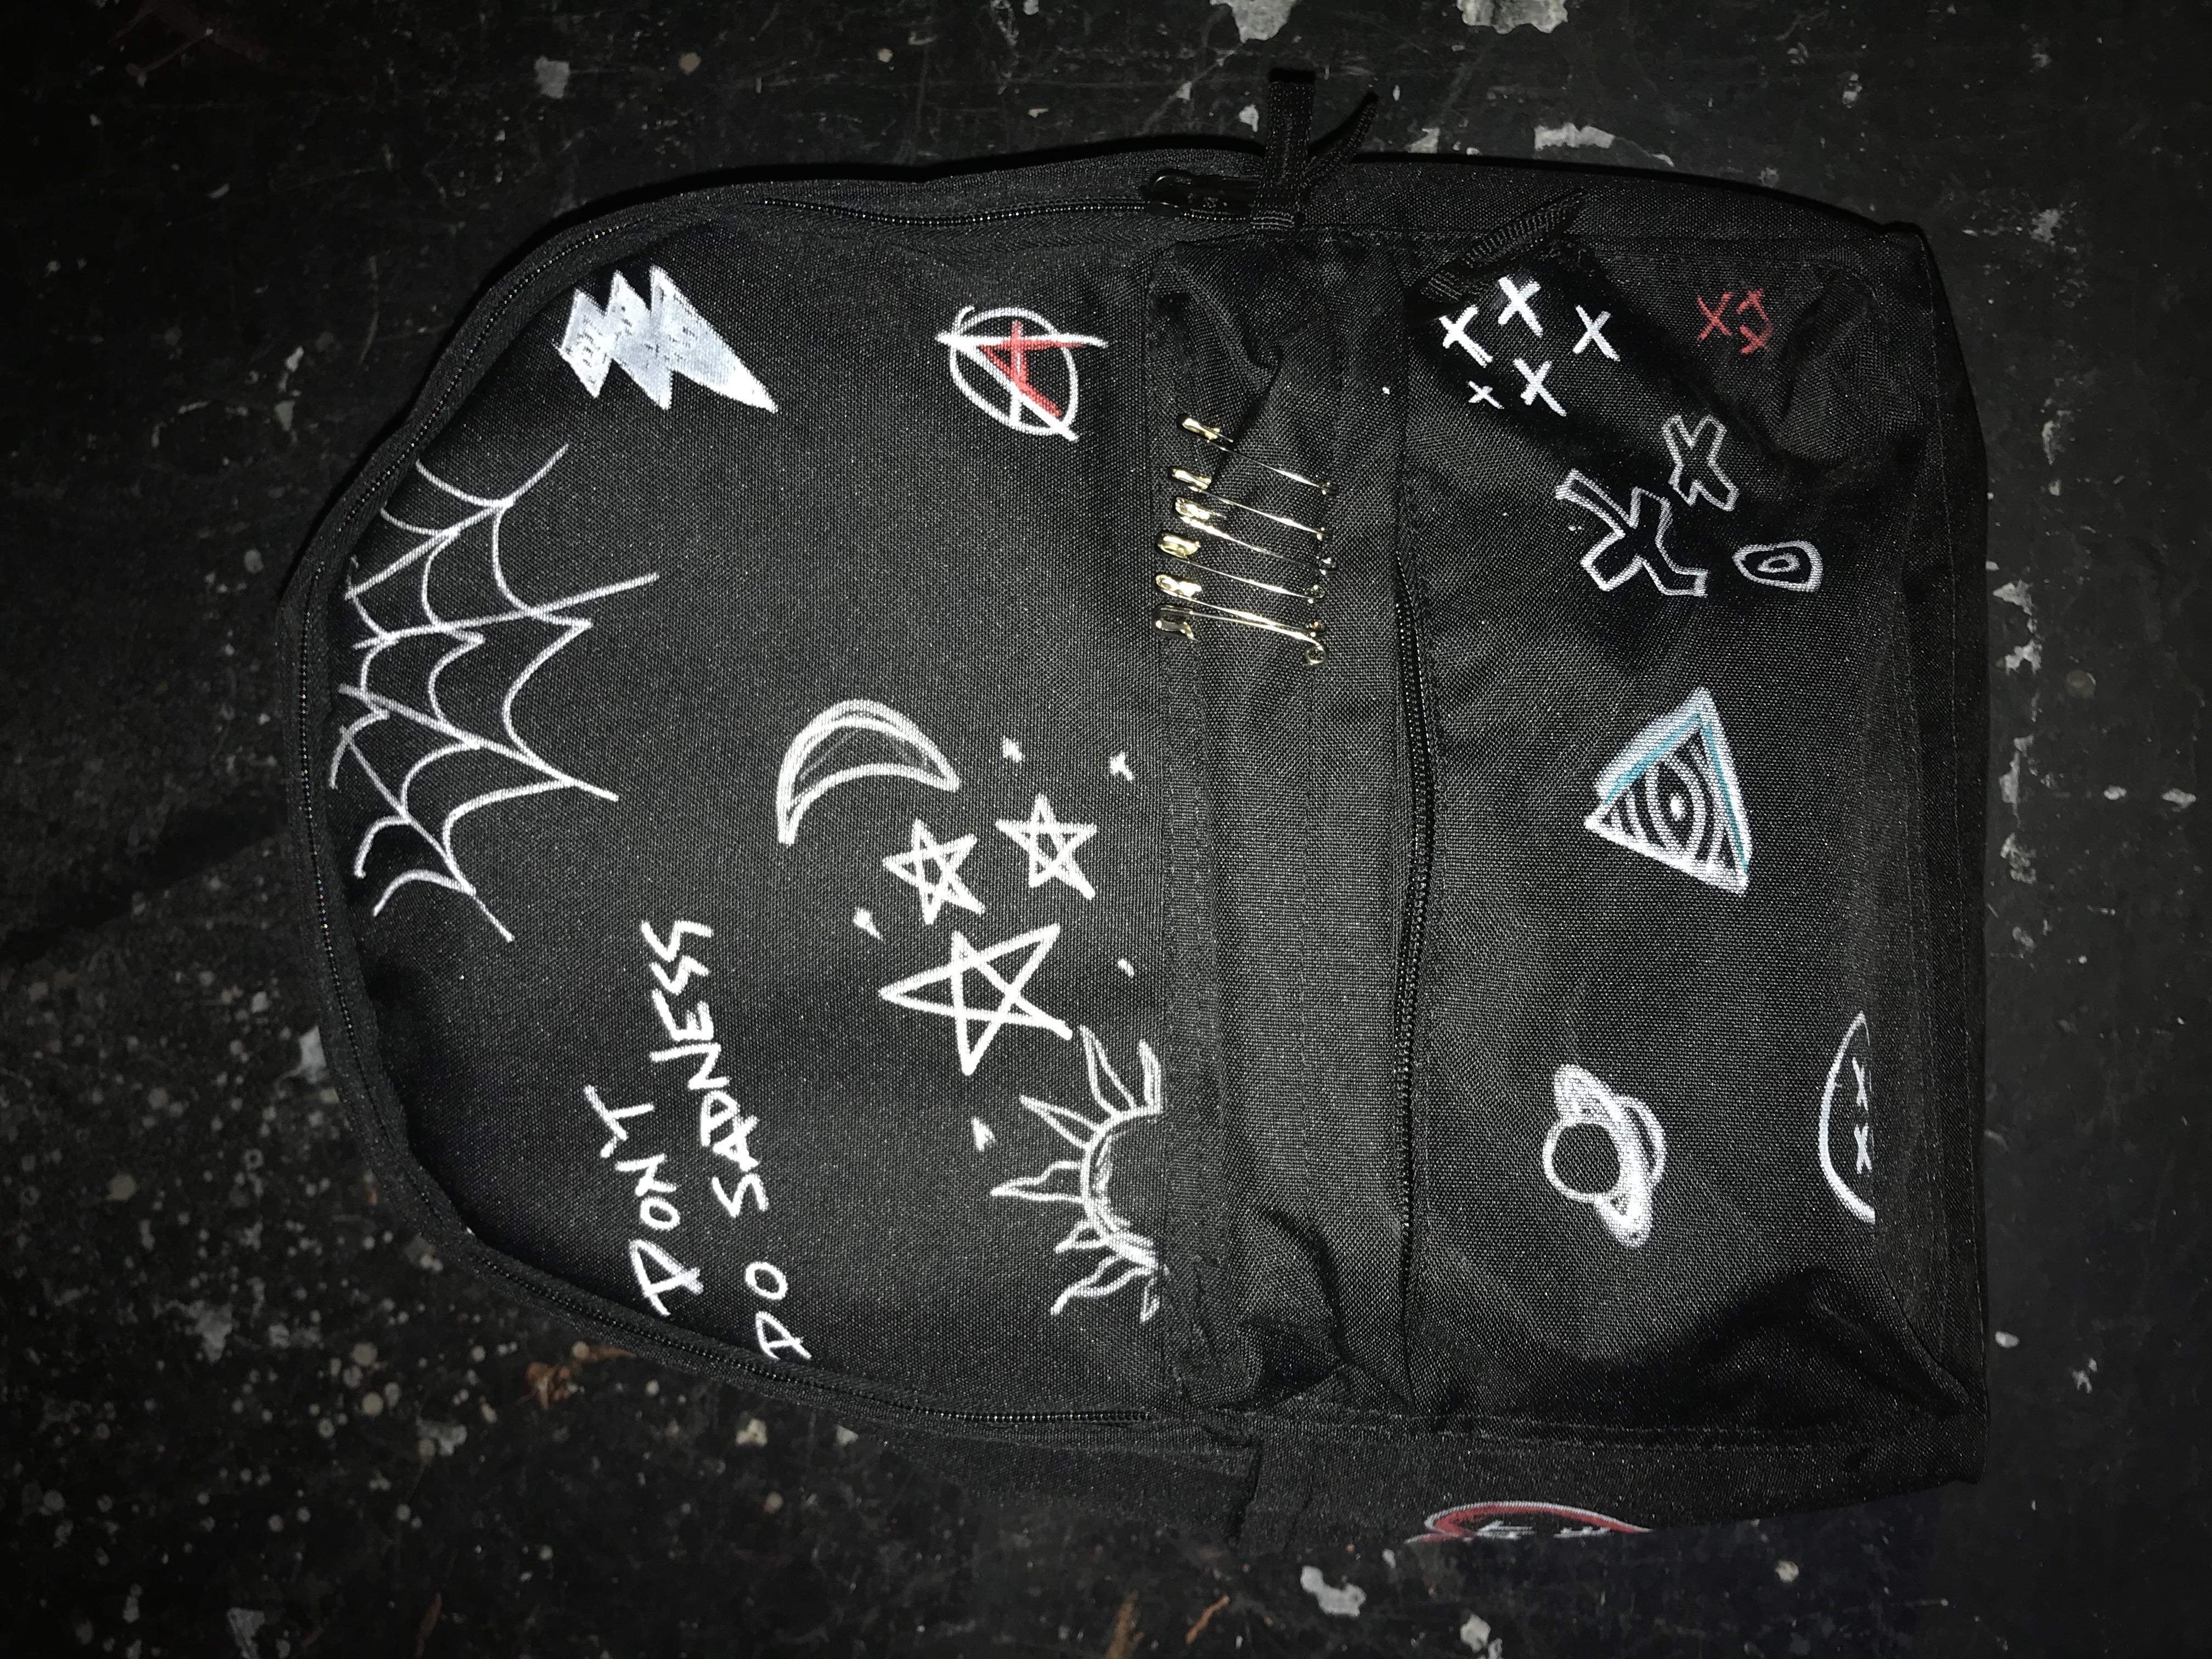 Moritz's backpack